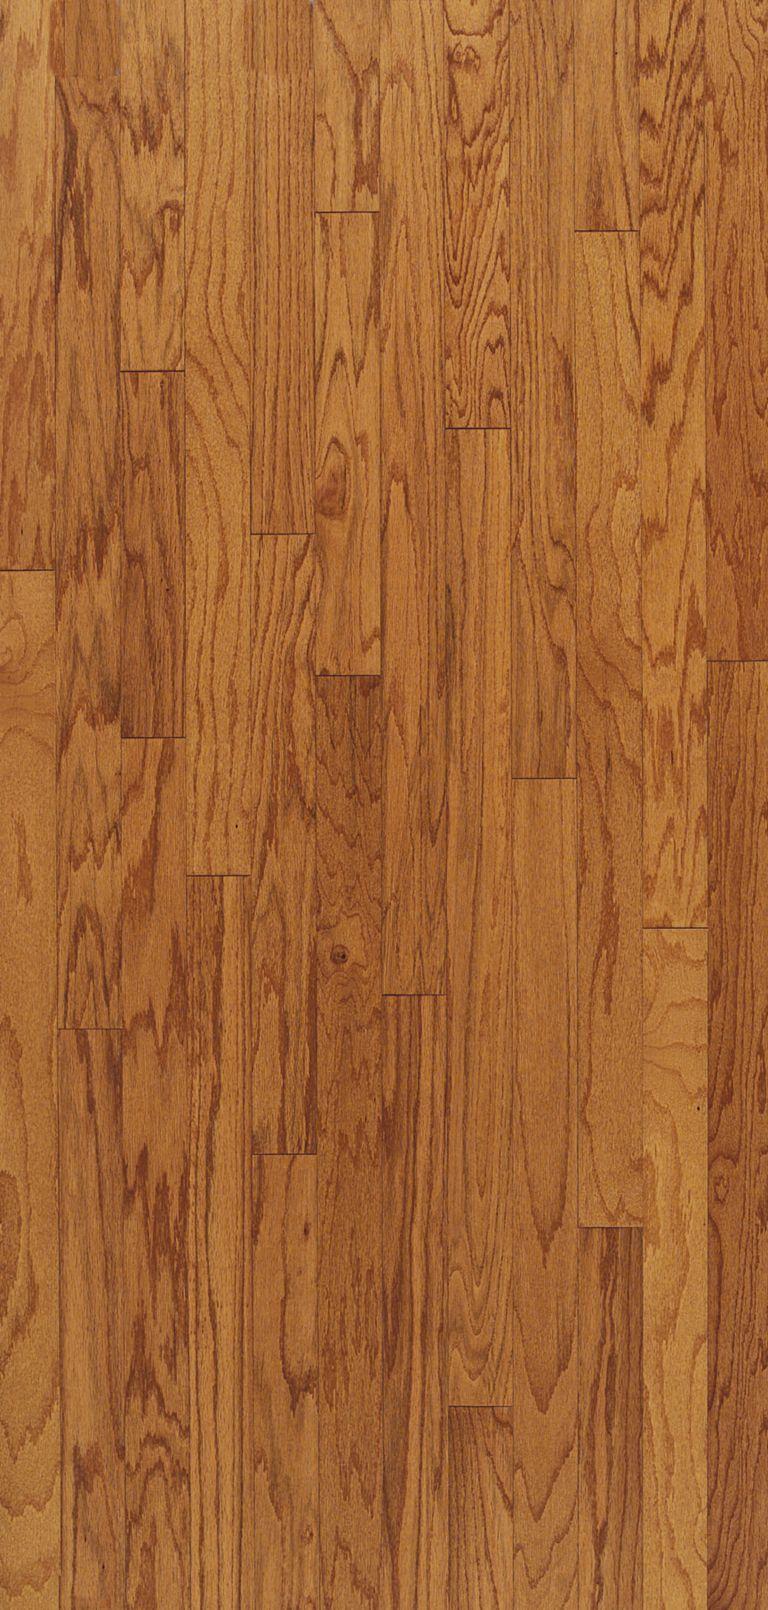 Oak - Butterscotch Hardwood E556